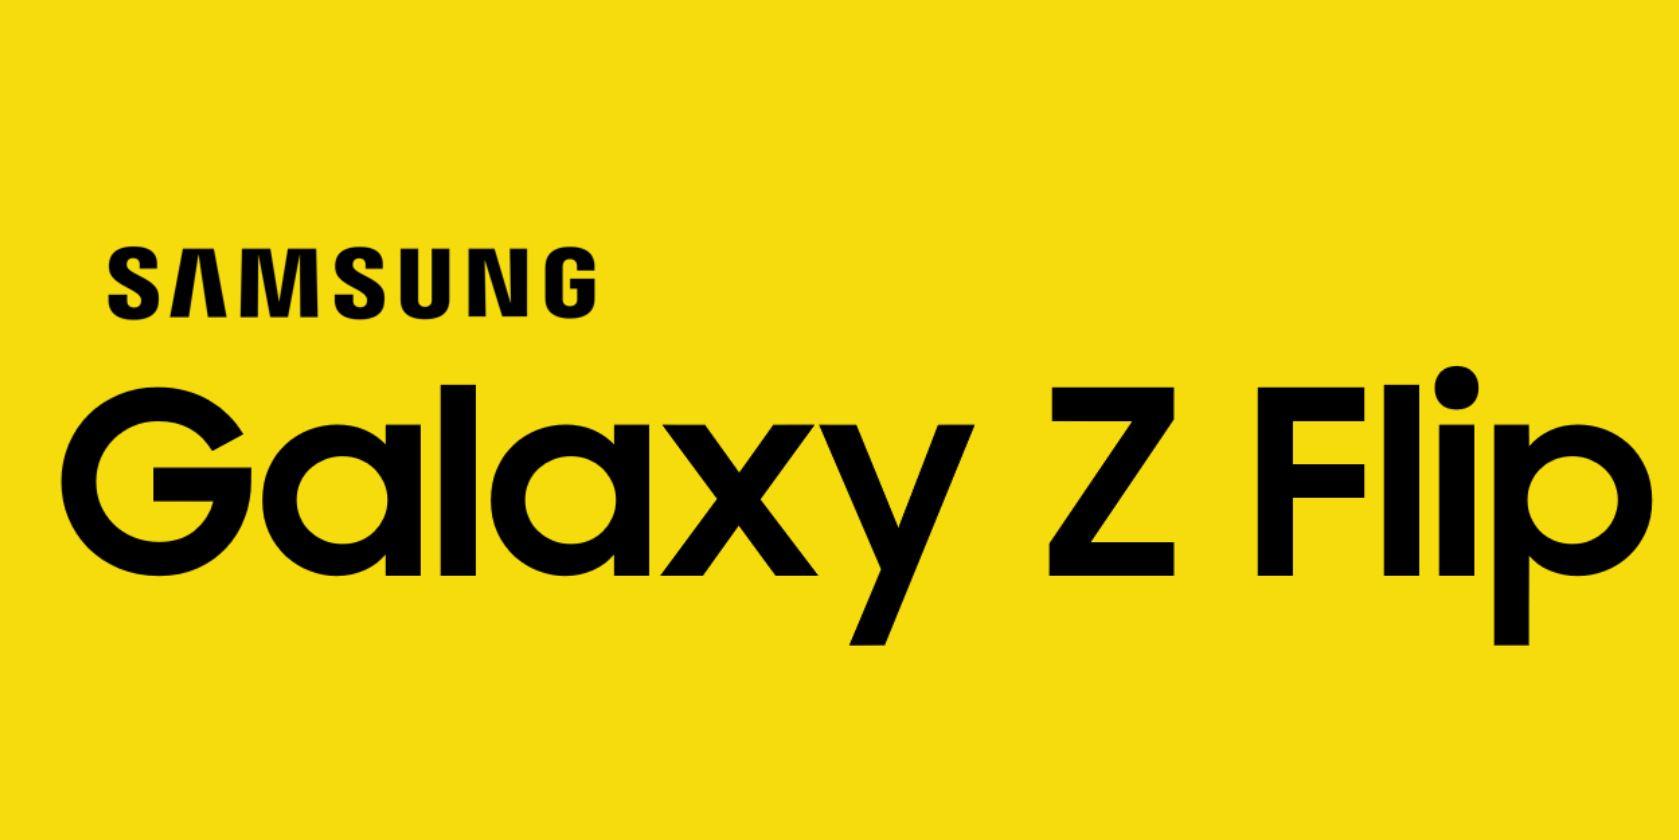 Samsung Galaxy Z Flip cena zamiast Galaxy Fold 2 Galaxy Bloom plotki przecieki wycieki kiedy premiera specyfikacja dane techniczne